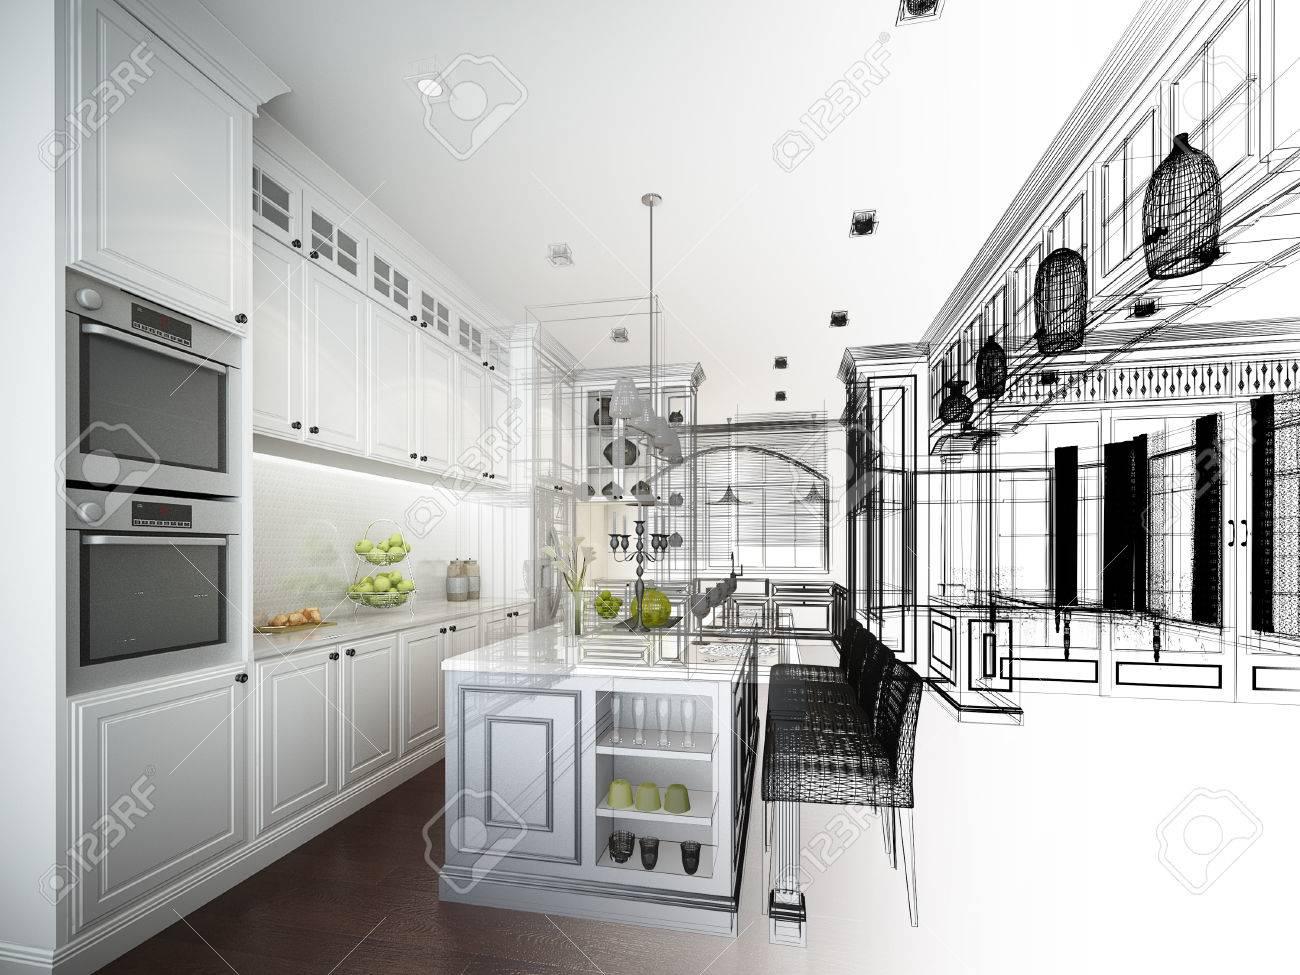 disegno astratto disegno di cucina interna Archivio Fotografico - 37388140